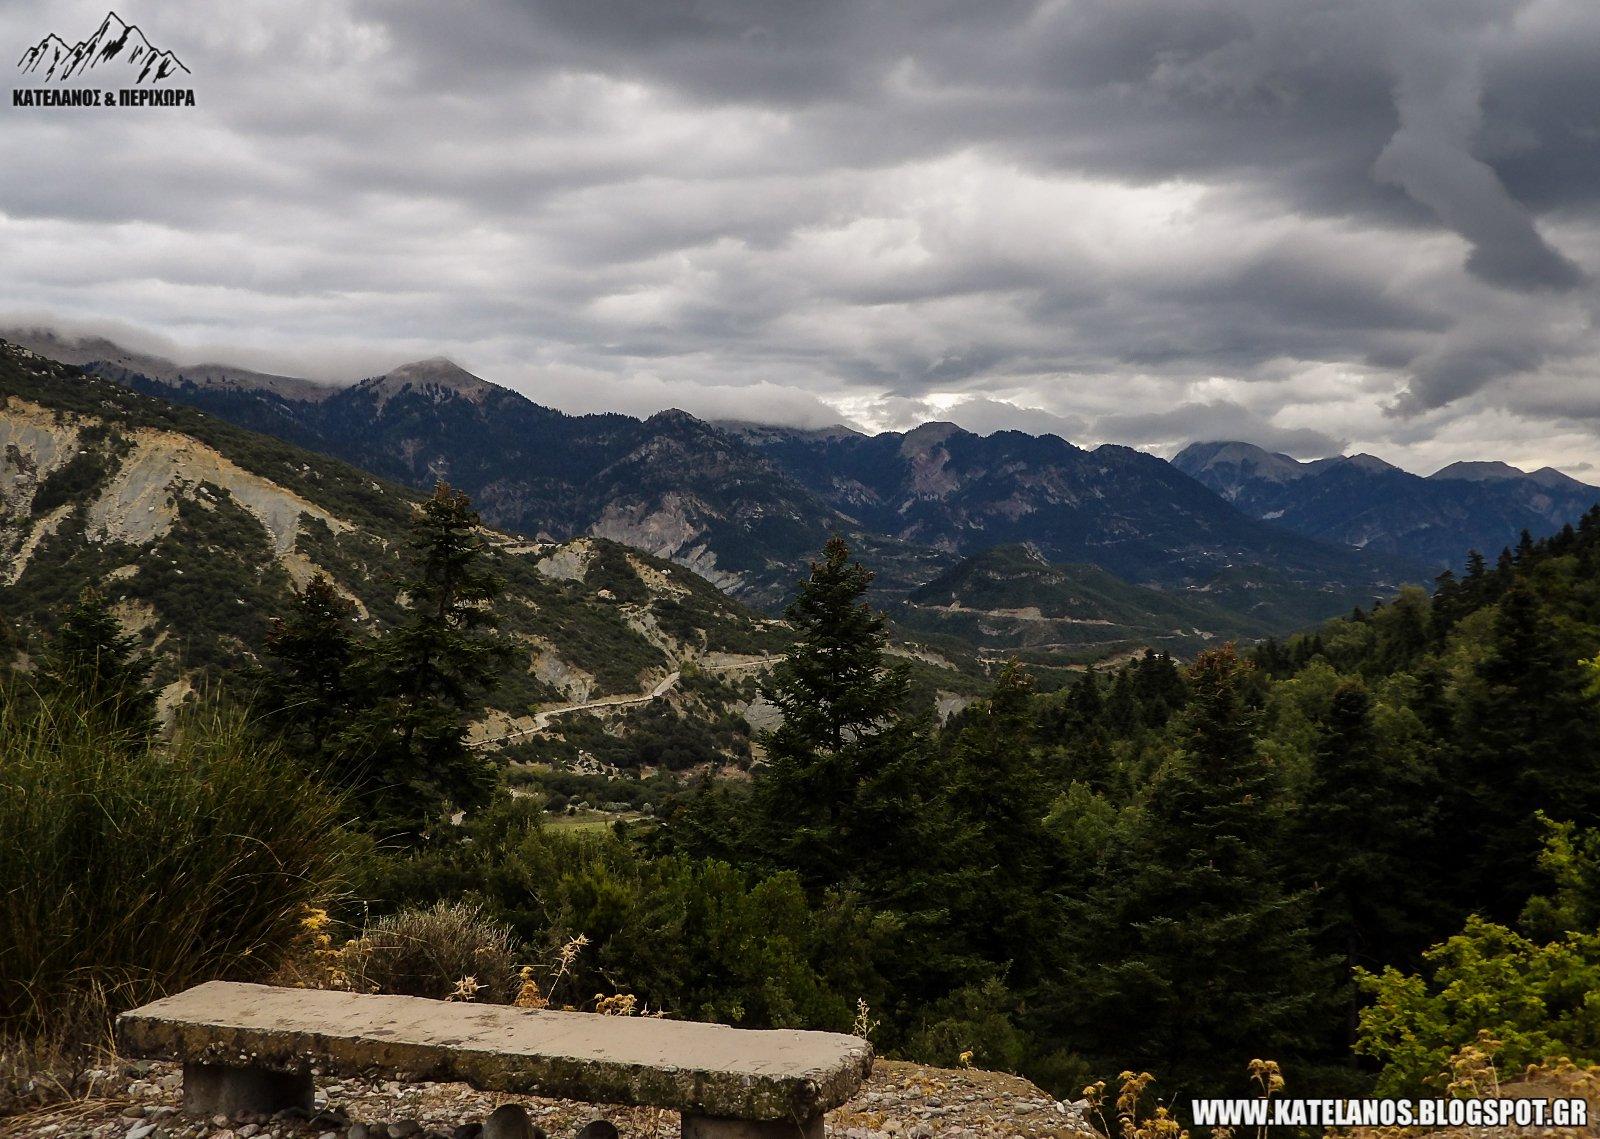 σκαλτίνα αιτωλοακαρνανίας οροσειρά παναιτωλικού ορεινή τριχωνίδα φθινόπωρο